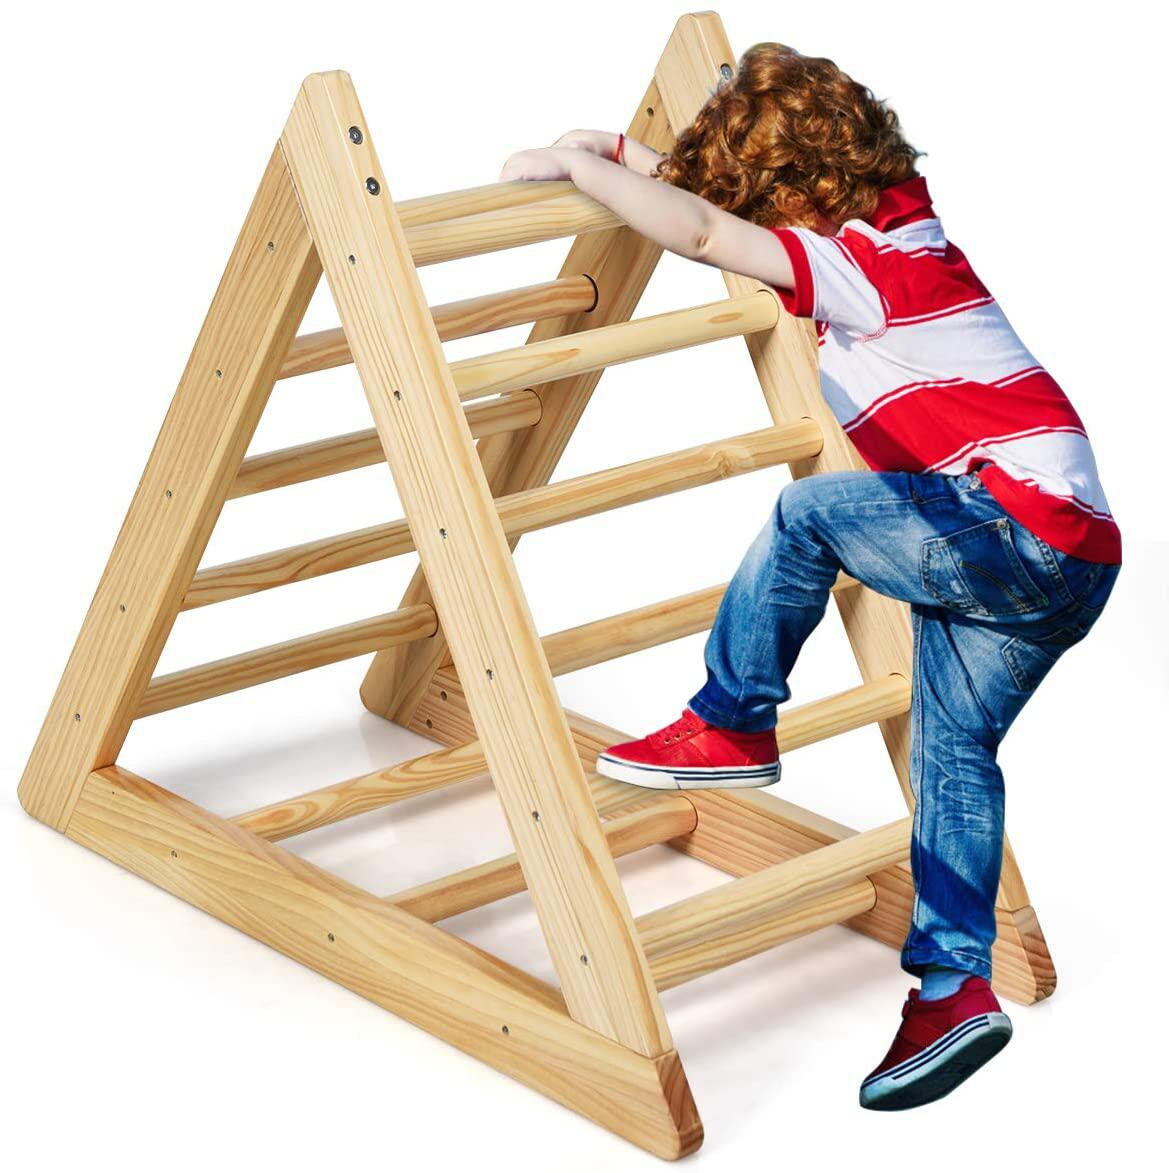 Bild zu Spielgeräte, Kinder, Zuhause, Schaukel, Klettergerüst, Bewegung, Sport, toben, spielen, Spaß